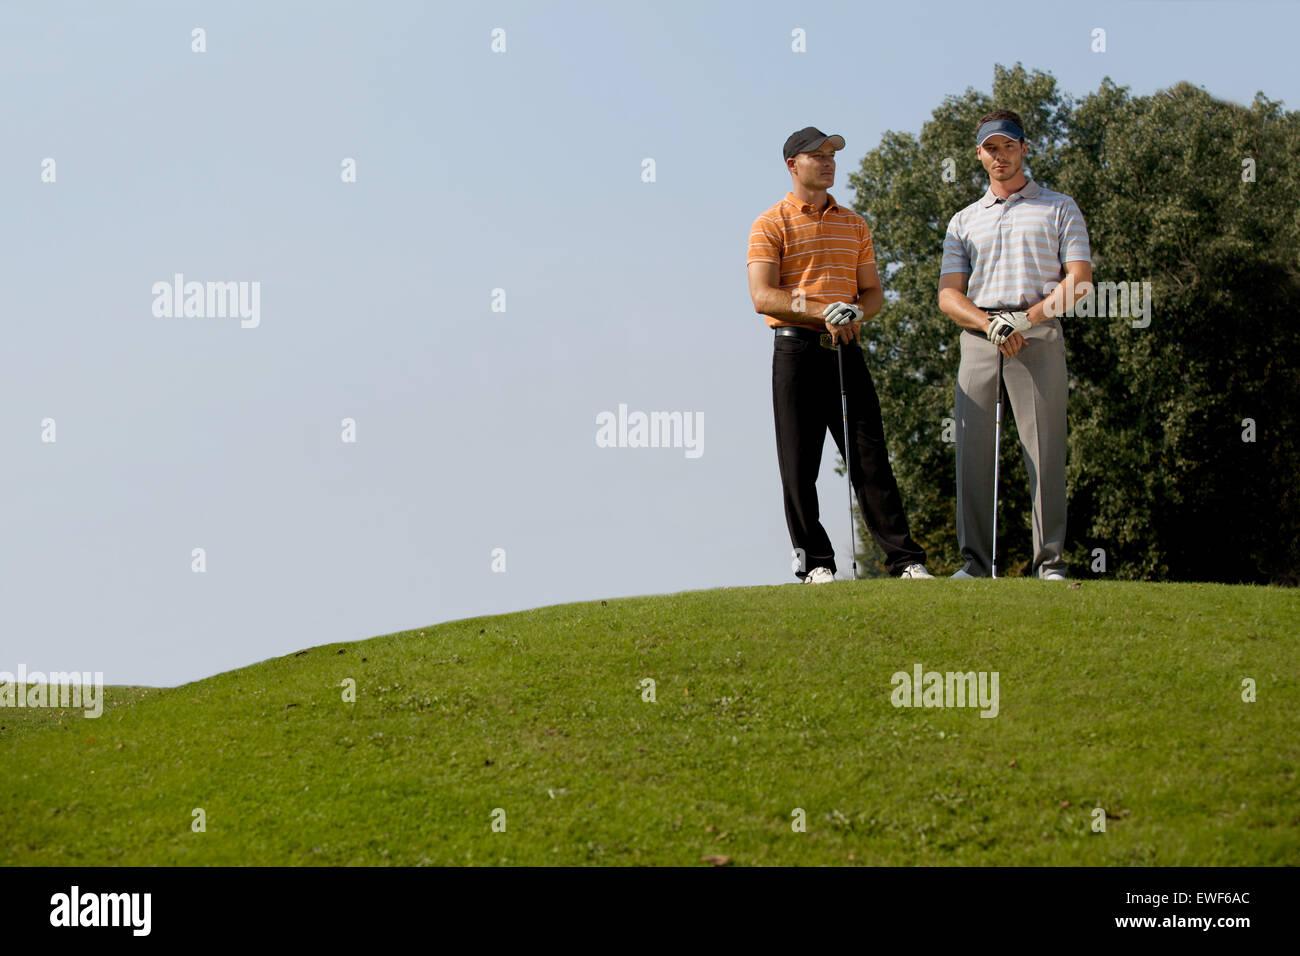 Retrato de jóvenes parados con palos de golf el campo de golf Imagen De Stock